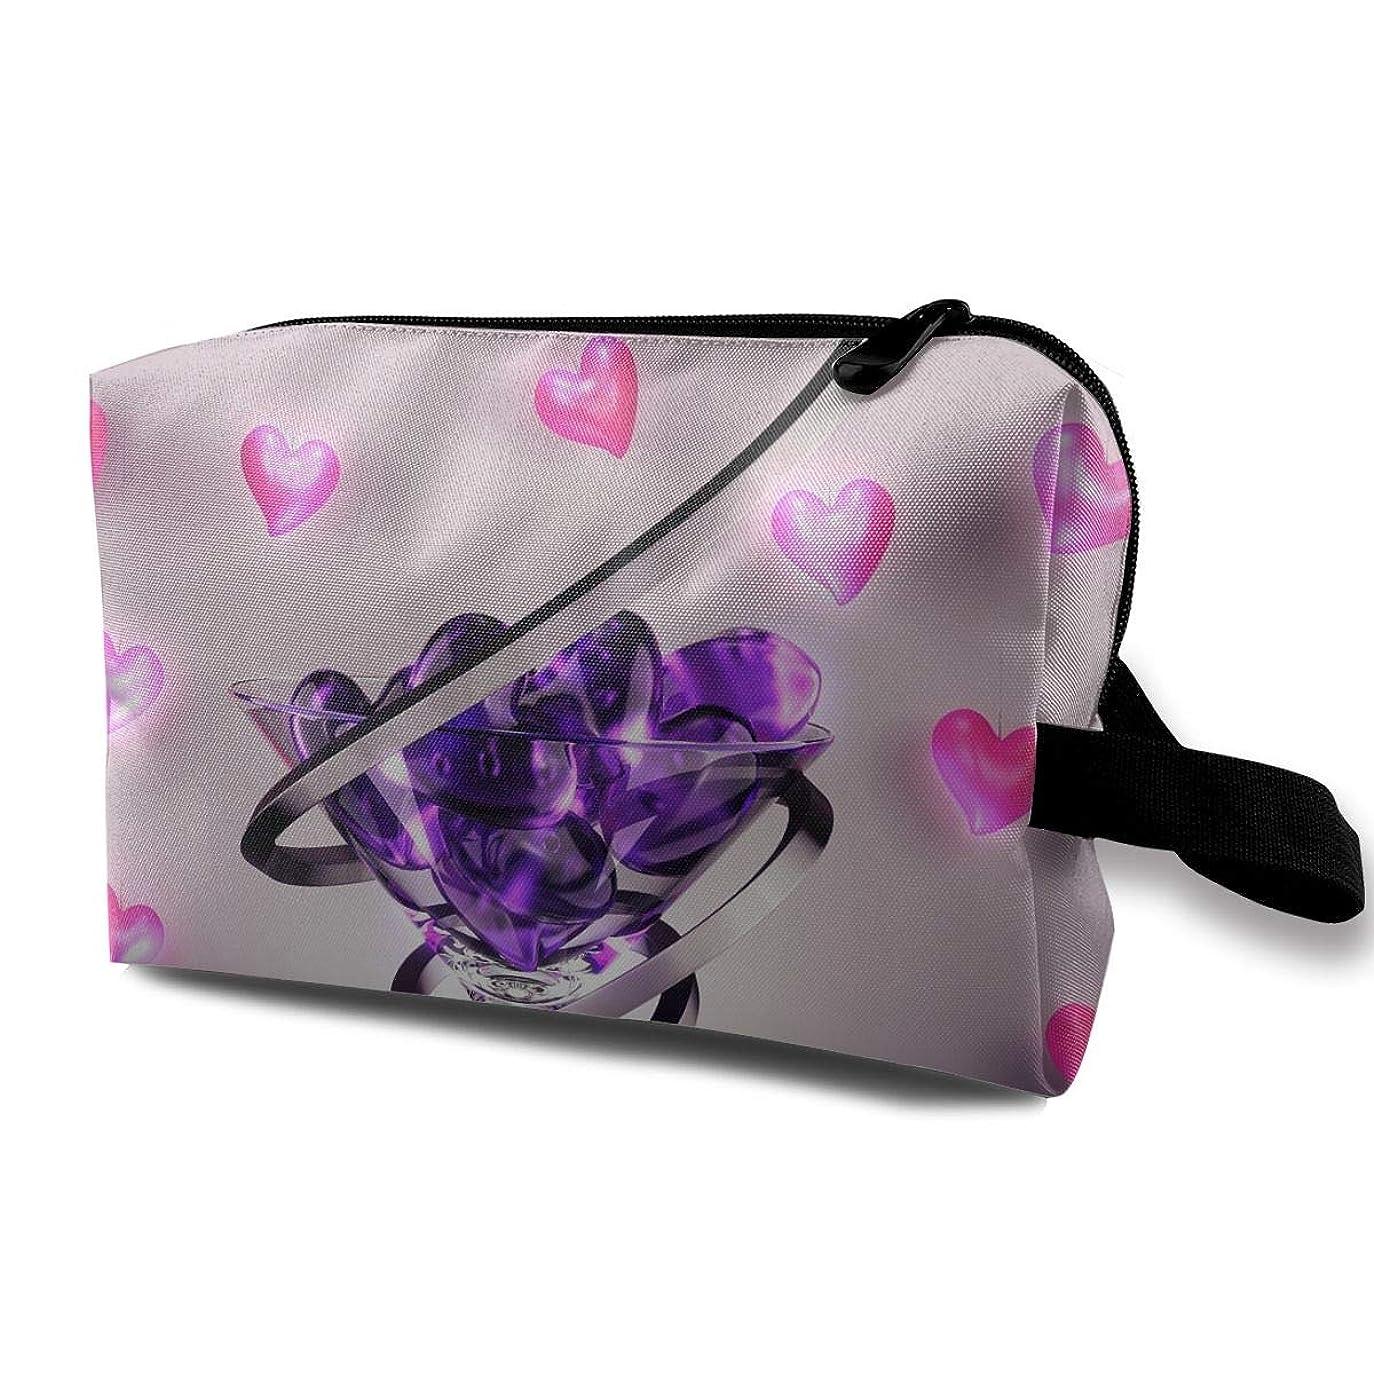 提供する織る愛レディース 化粧ポーチ トラベル収納ポーチ トイレタリーバッグ ワイングラスプリント コスメ メイクポーチ ハンドバッグ 大容量 化粧品 鍵 小物入れ 軽い